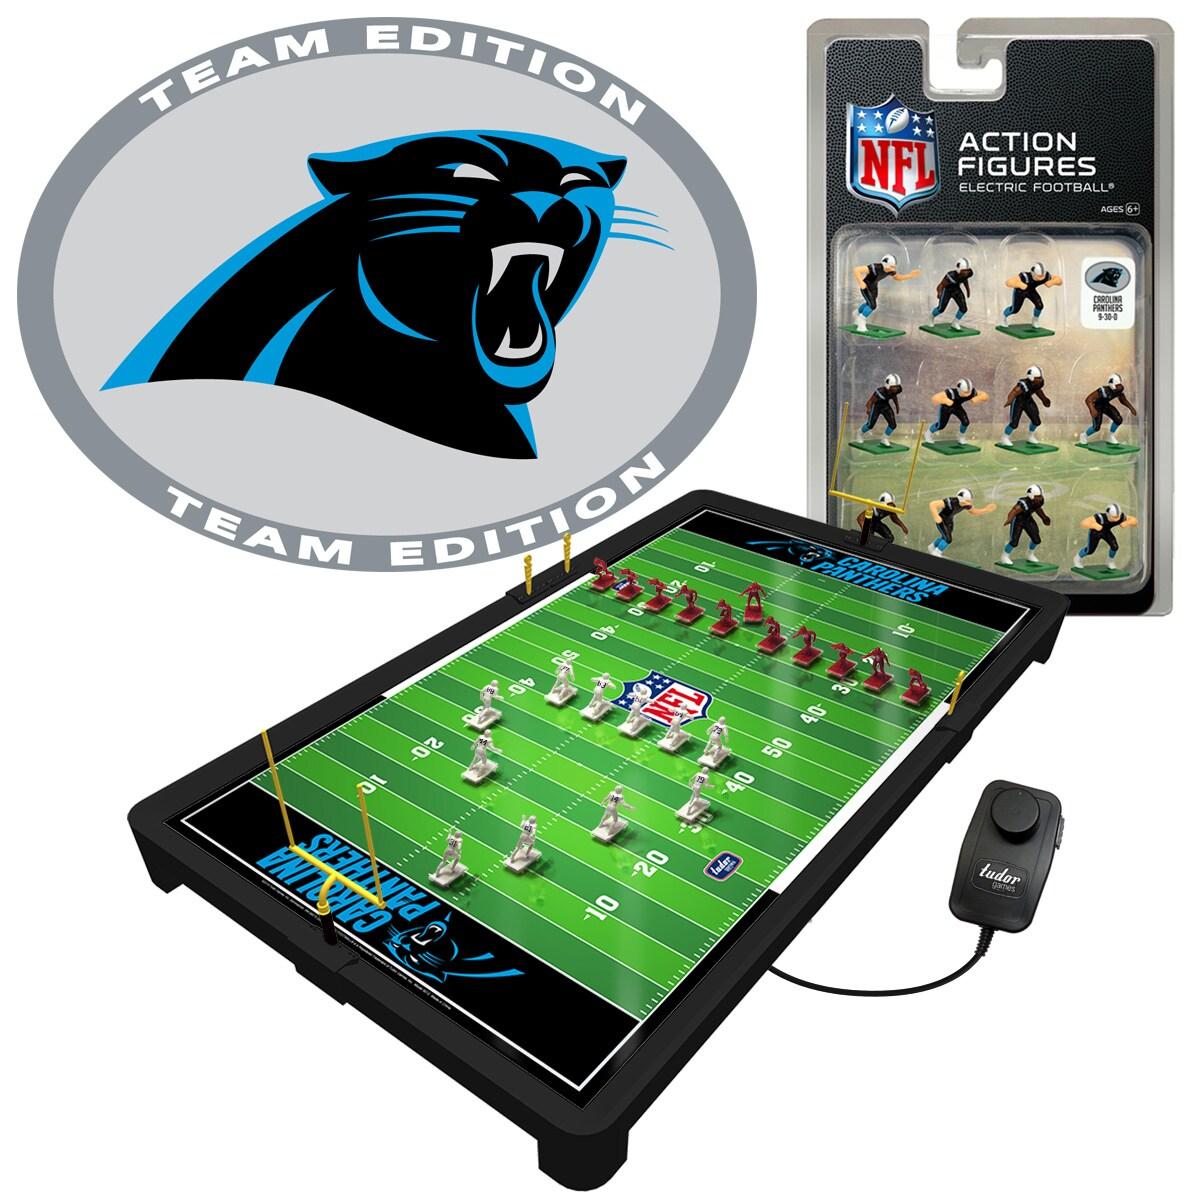 Carolina Panthers Electric Football Game